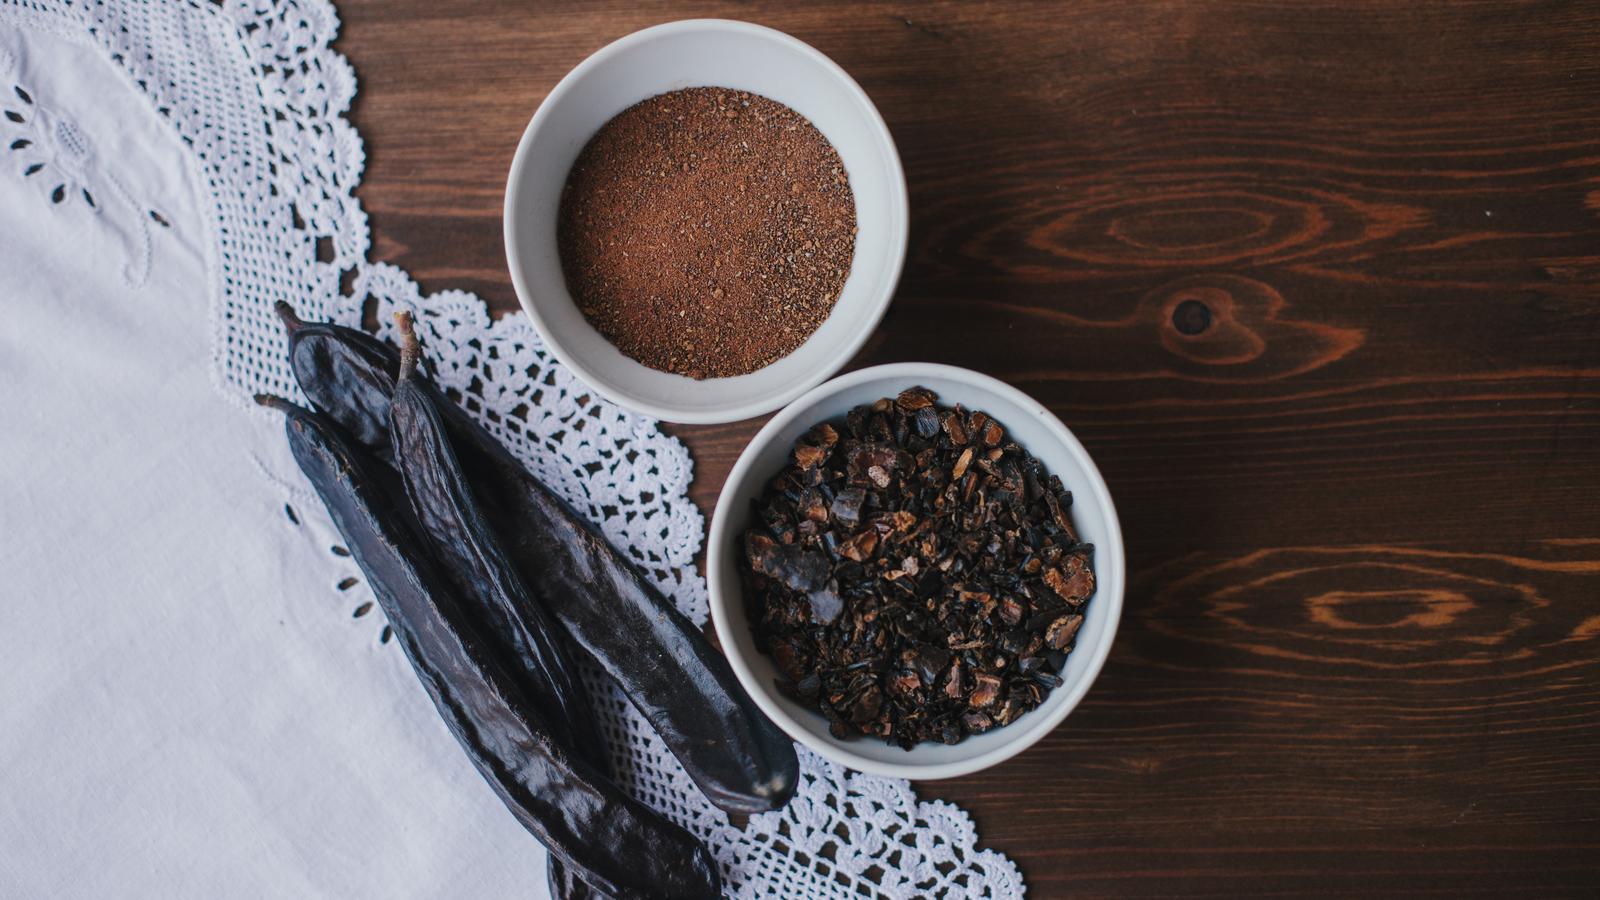 Les parts comestibles de la garrofa / Ariadna Fotografia